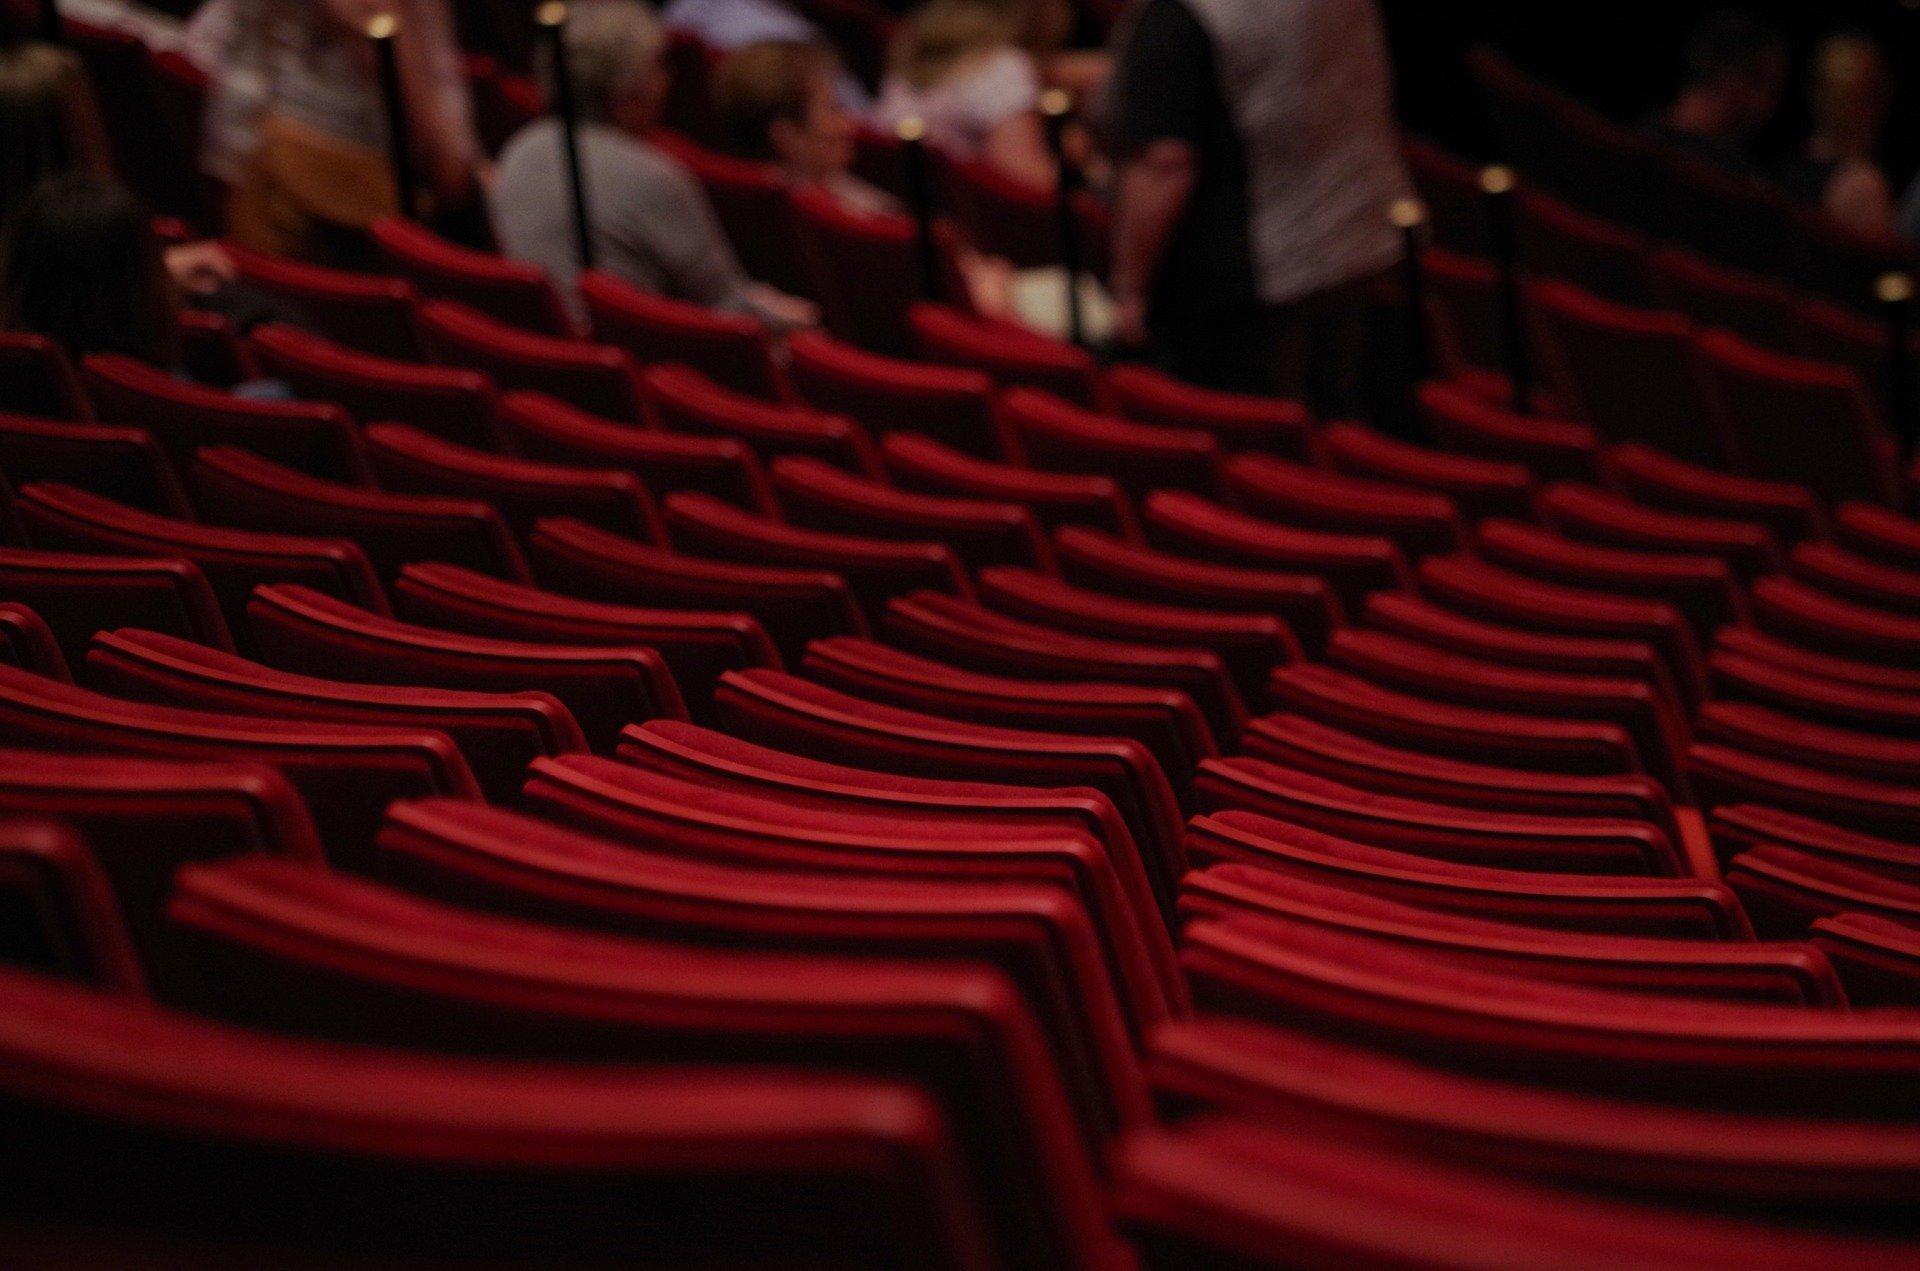 Glasgow production of Les Misérables cast announced